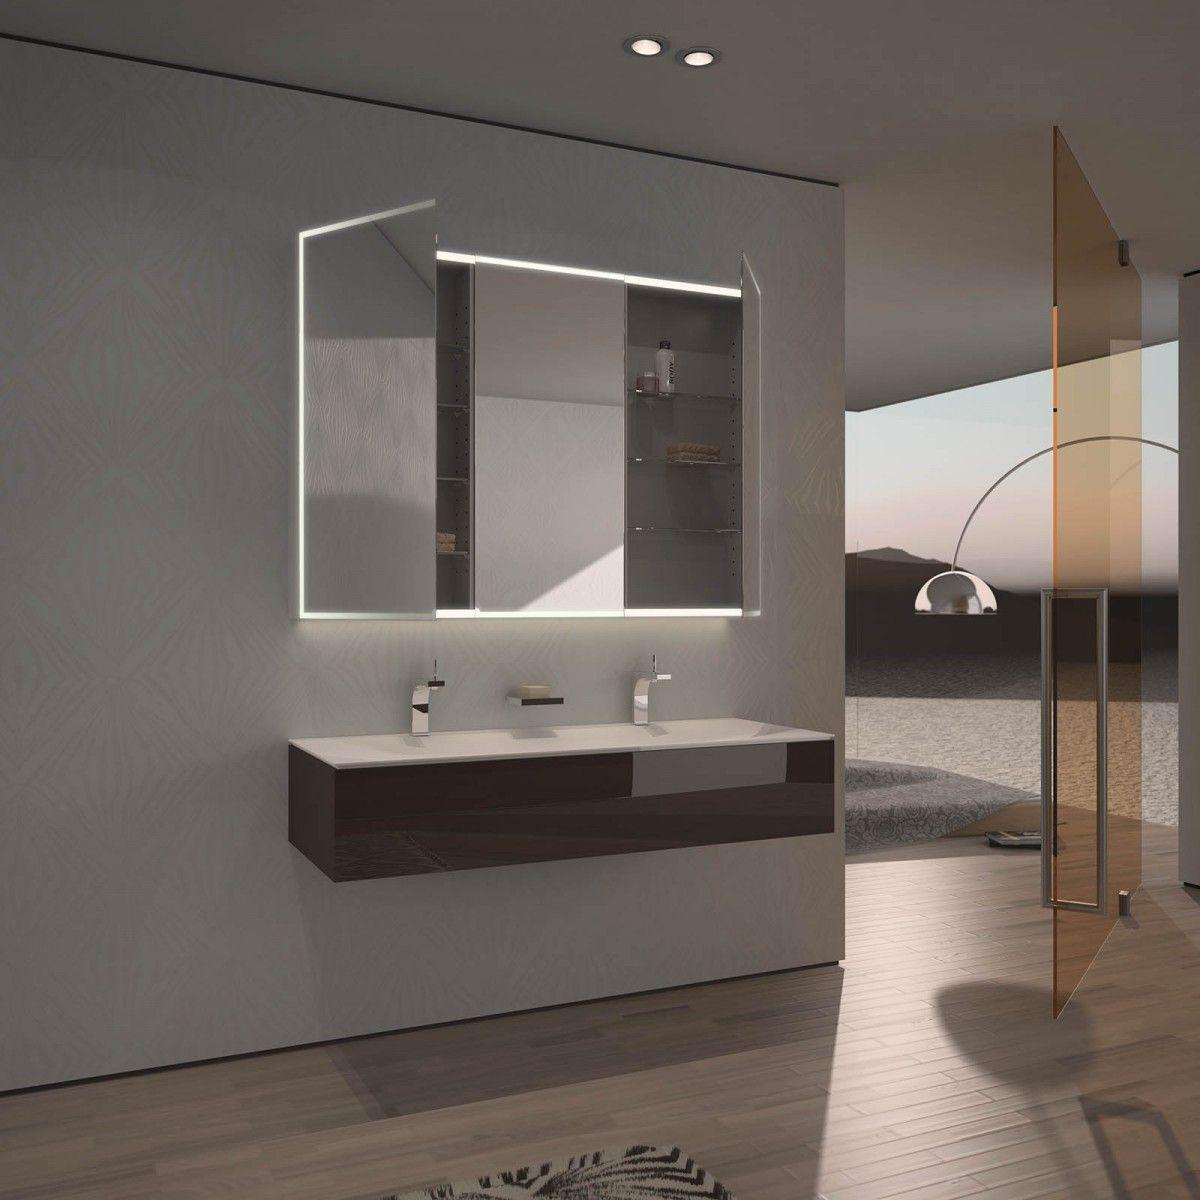 Spiegelschrank Nach Mass Mit Led Beleuchtung Aurel Badezimmer